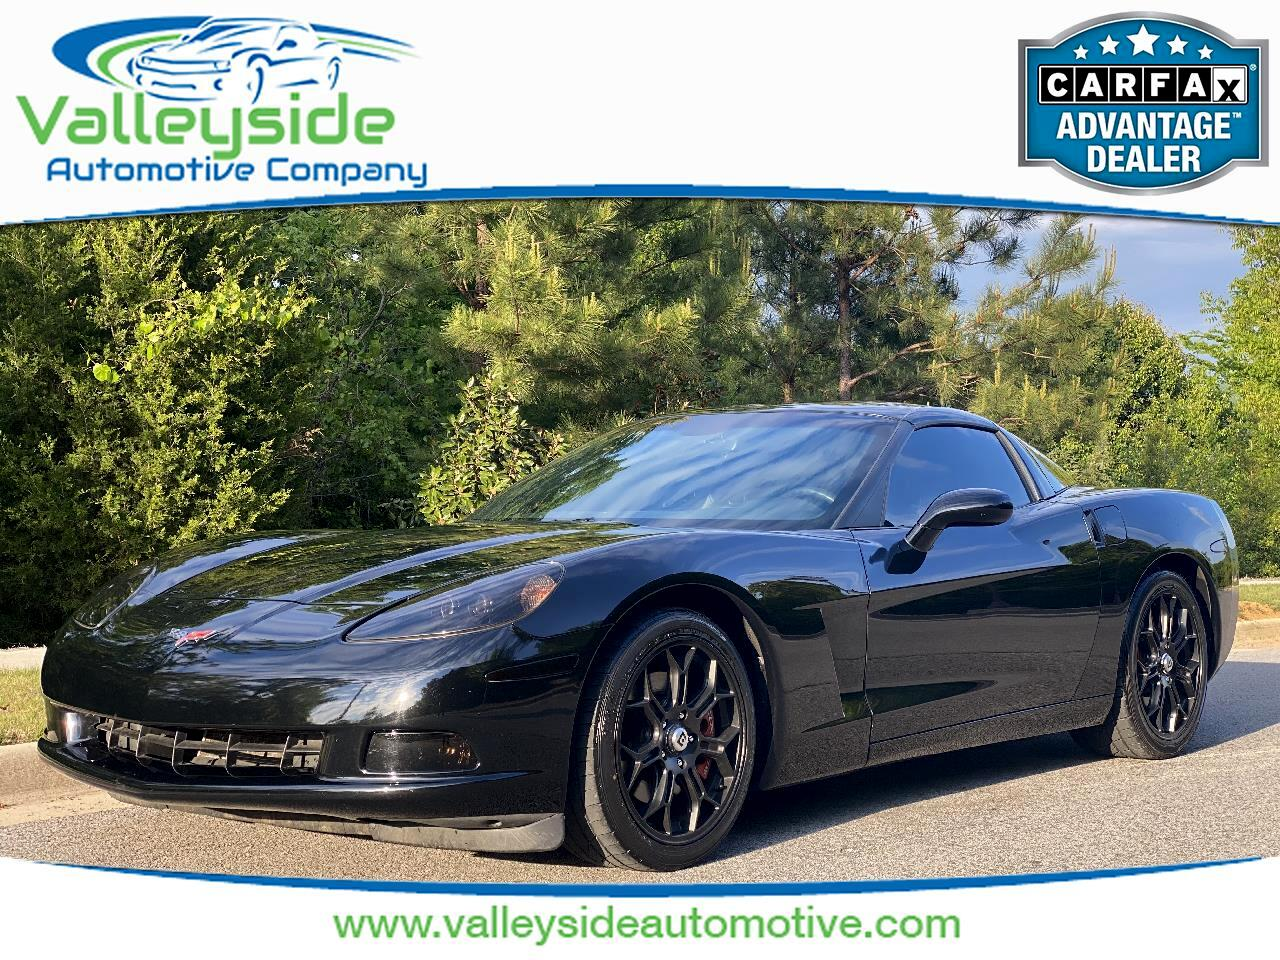 Chevrolet Corvette Standard Coupe 1LT 2011